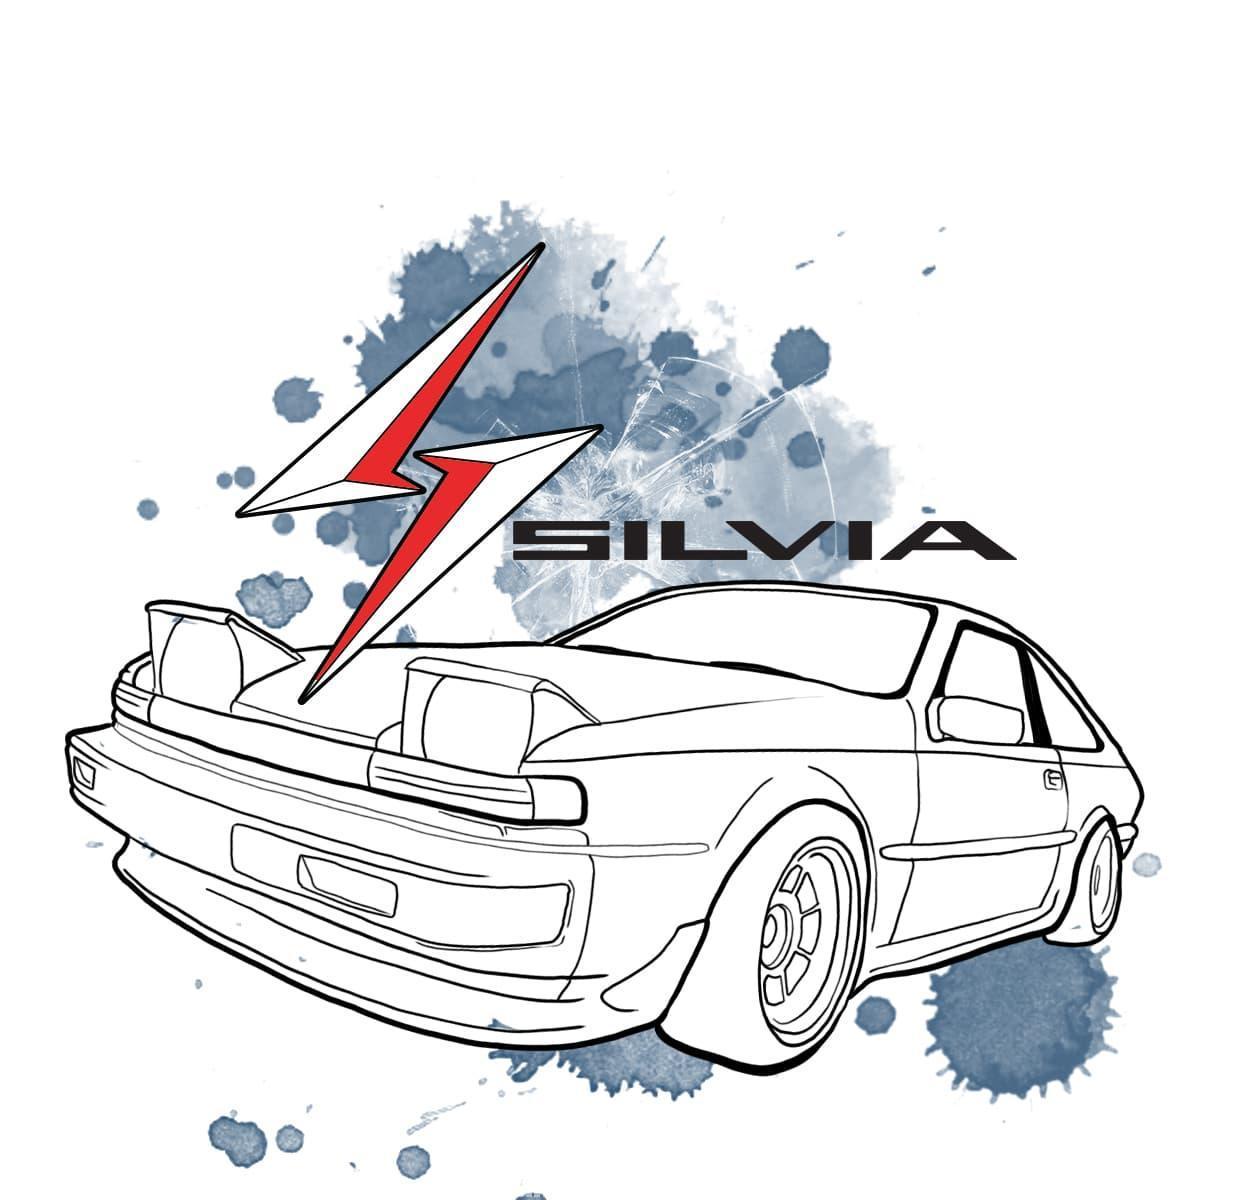 Voiture Nissan Silvia 12